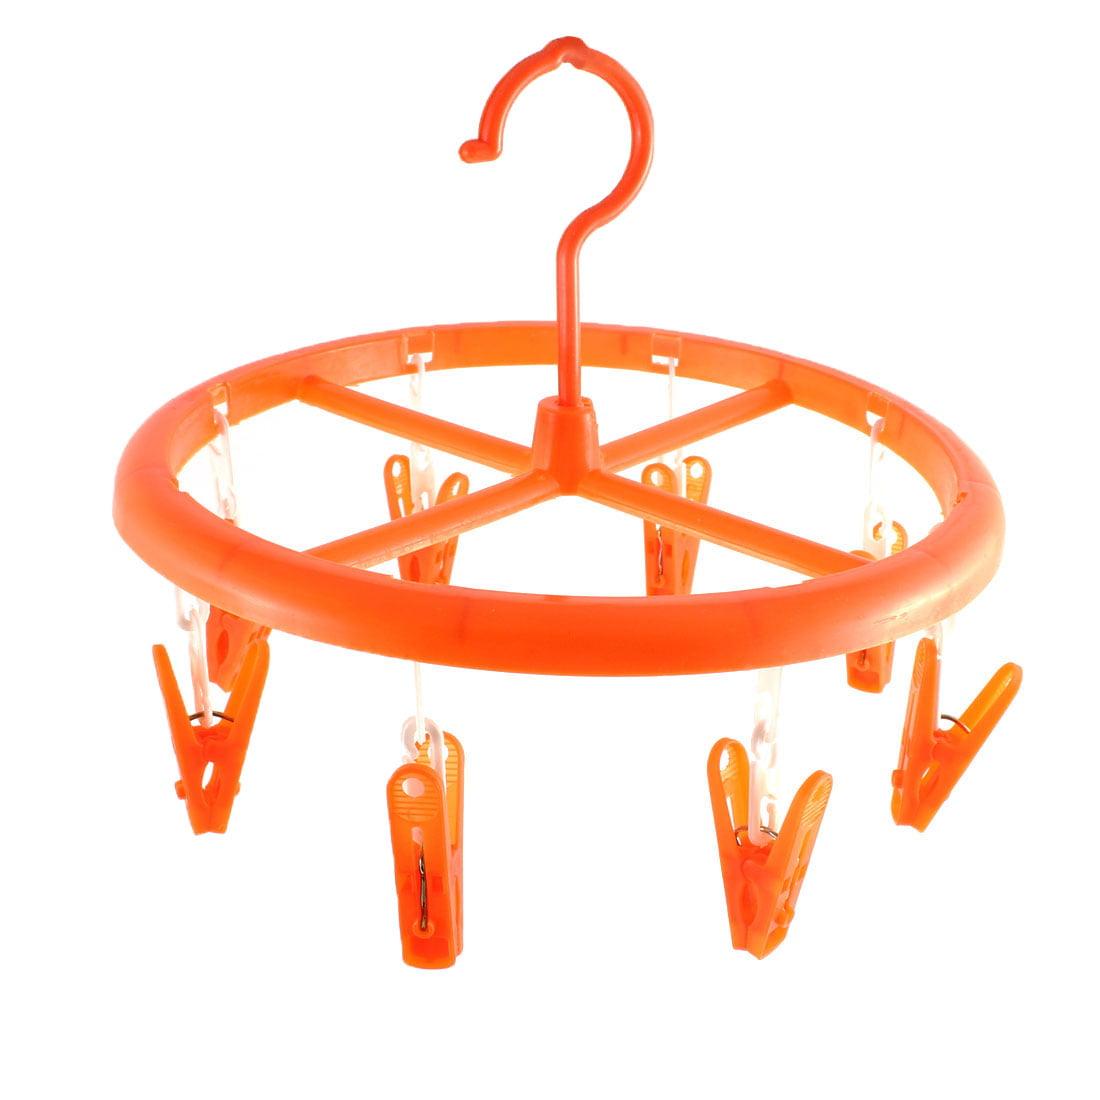 Plastic Round Shape 8 Clips Laundry Dryer Clothes Hanger 24cm Dia Orange